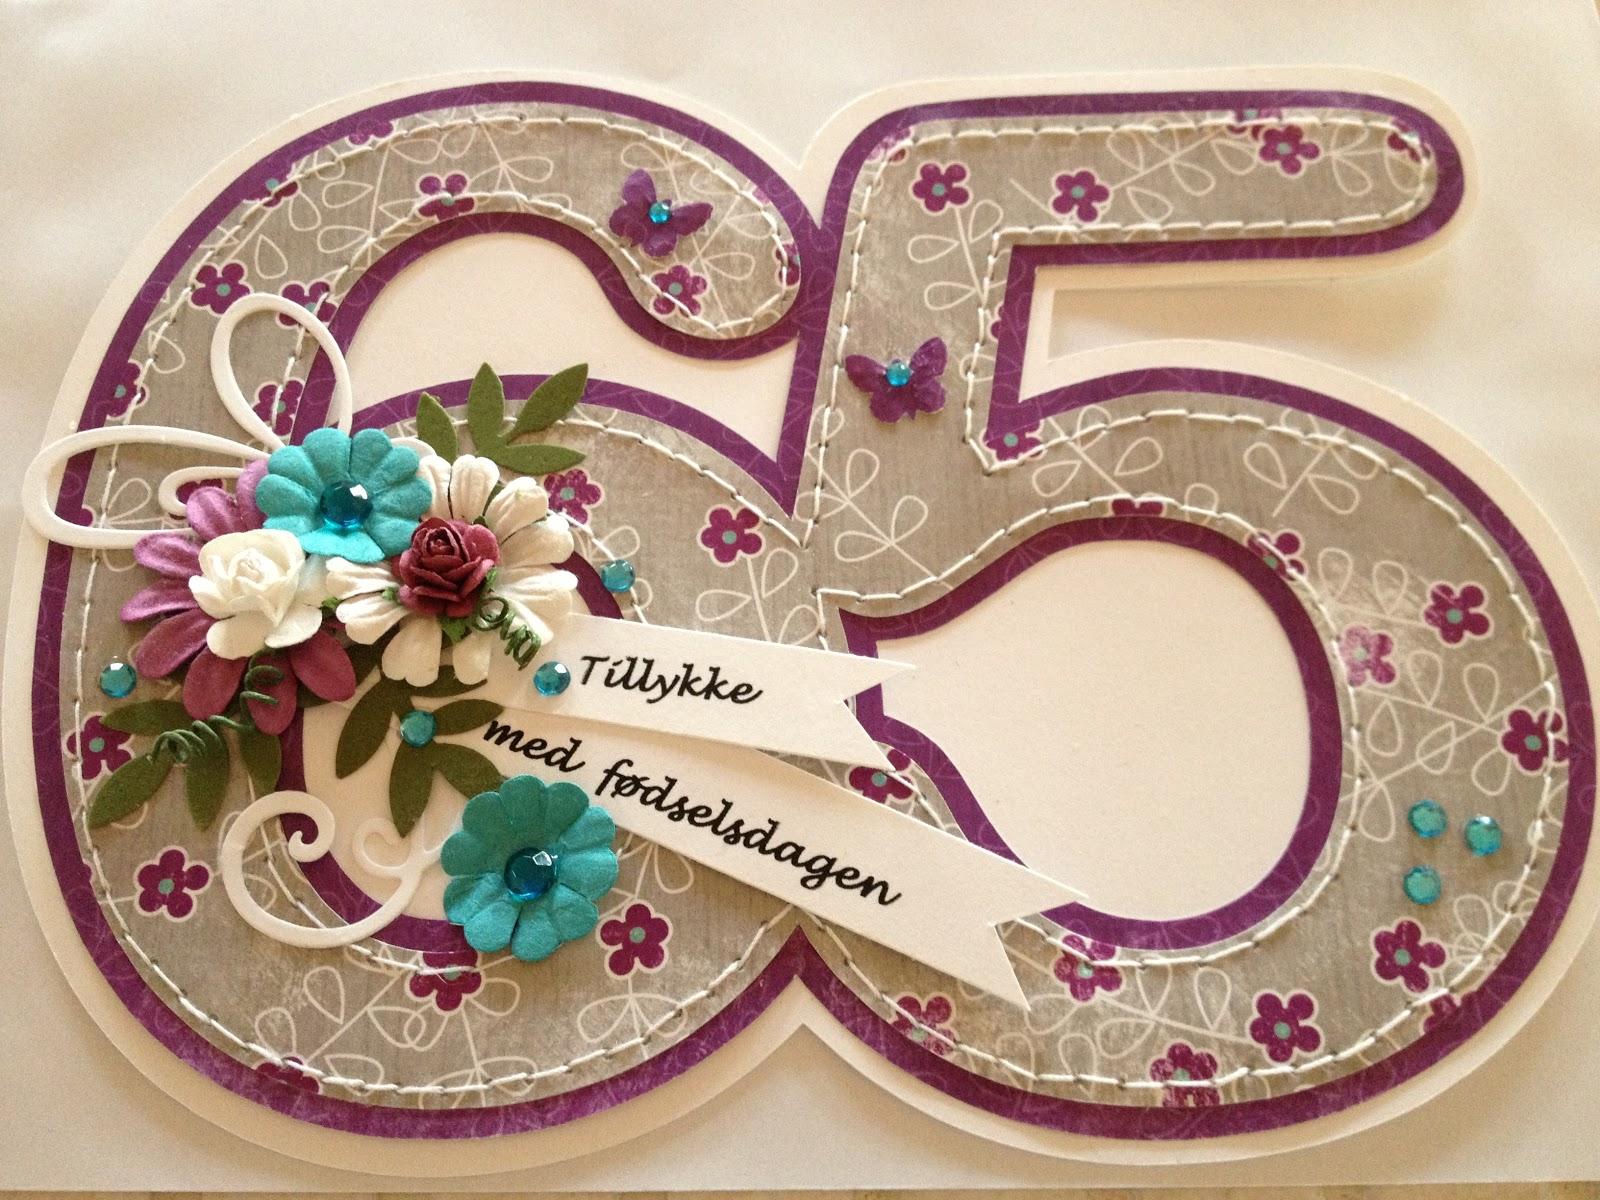 65 års fest Helle Åbyen: 65 års fødselsdag 65 års fest